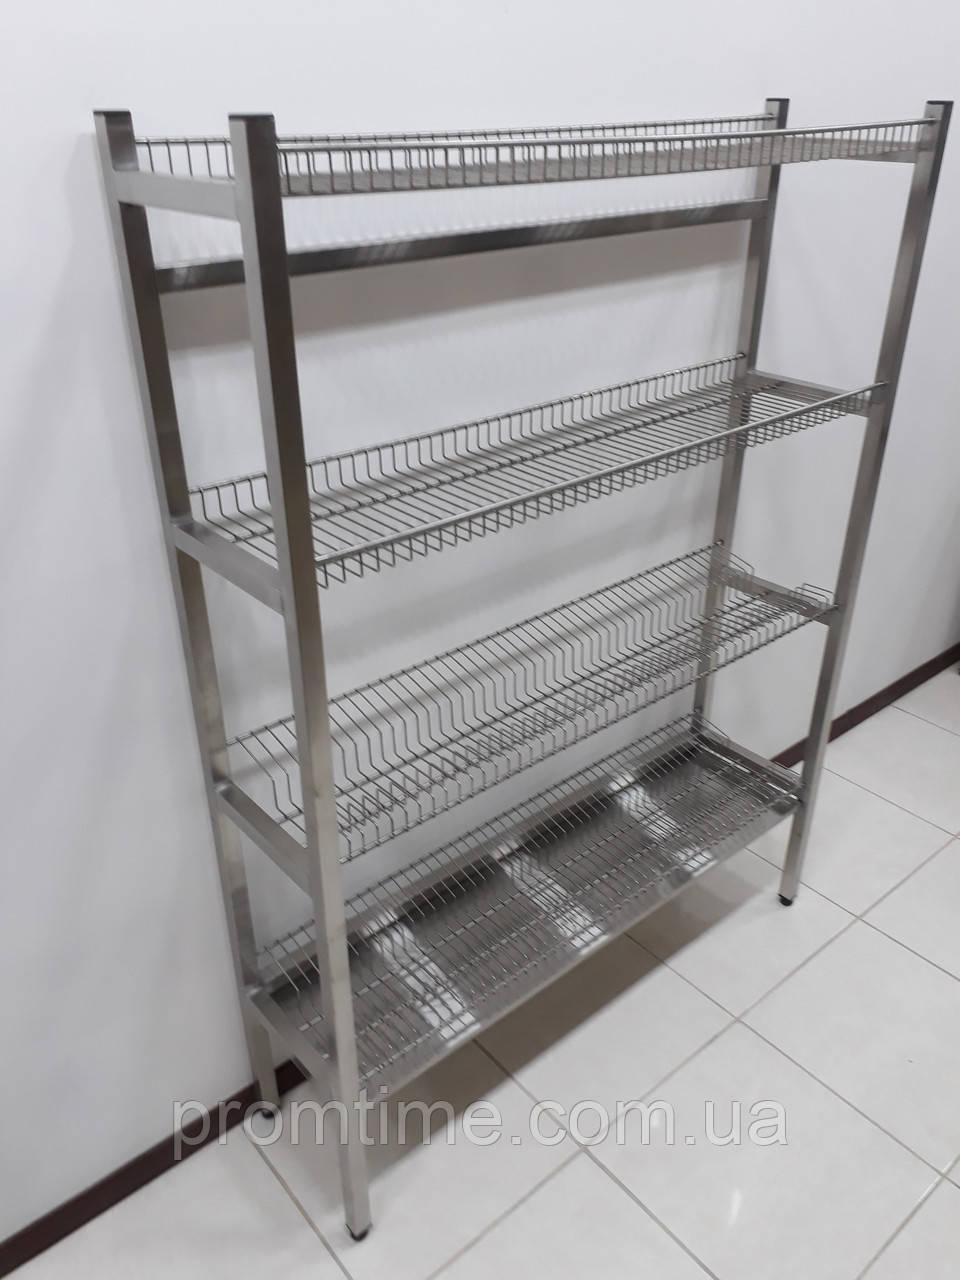 Стеллаж для сушки посуды 1200х320х1600